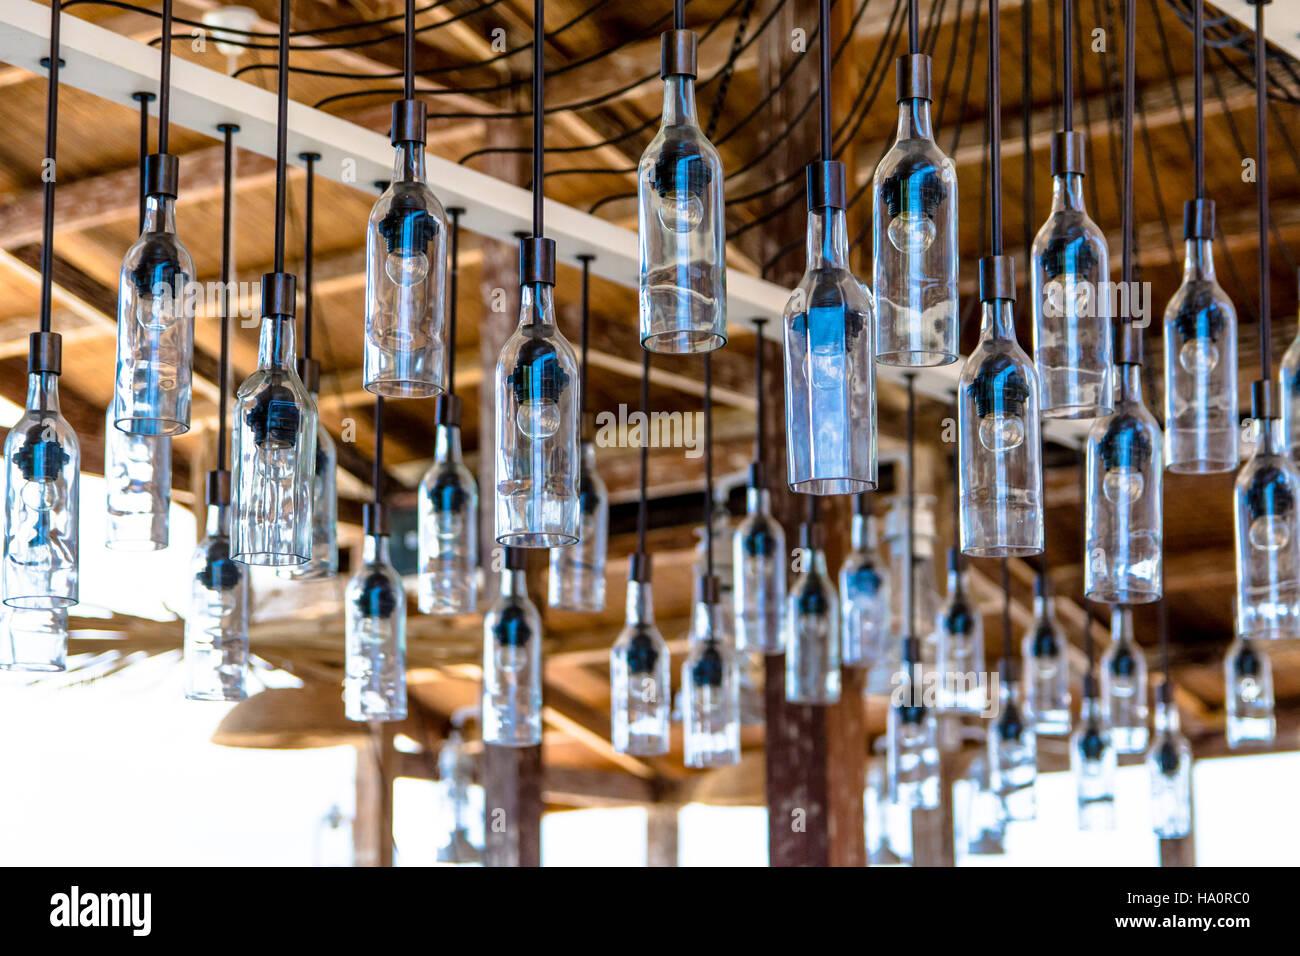 Niedrigen Winkel Blick Auf Glas Flaschen Lampen Hangen Von Holzdecke